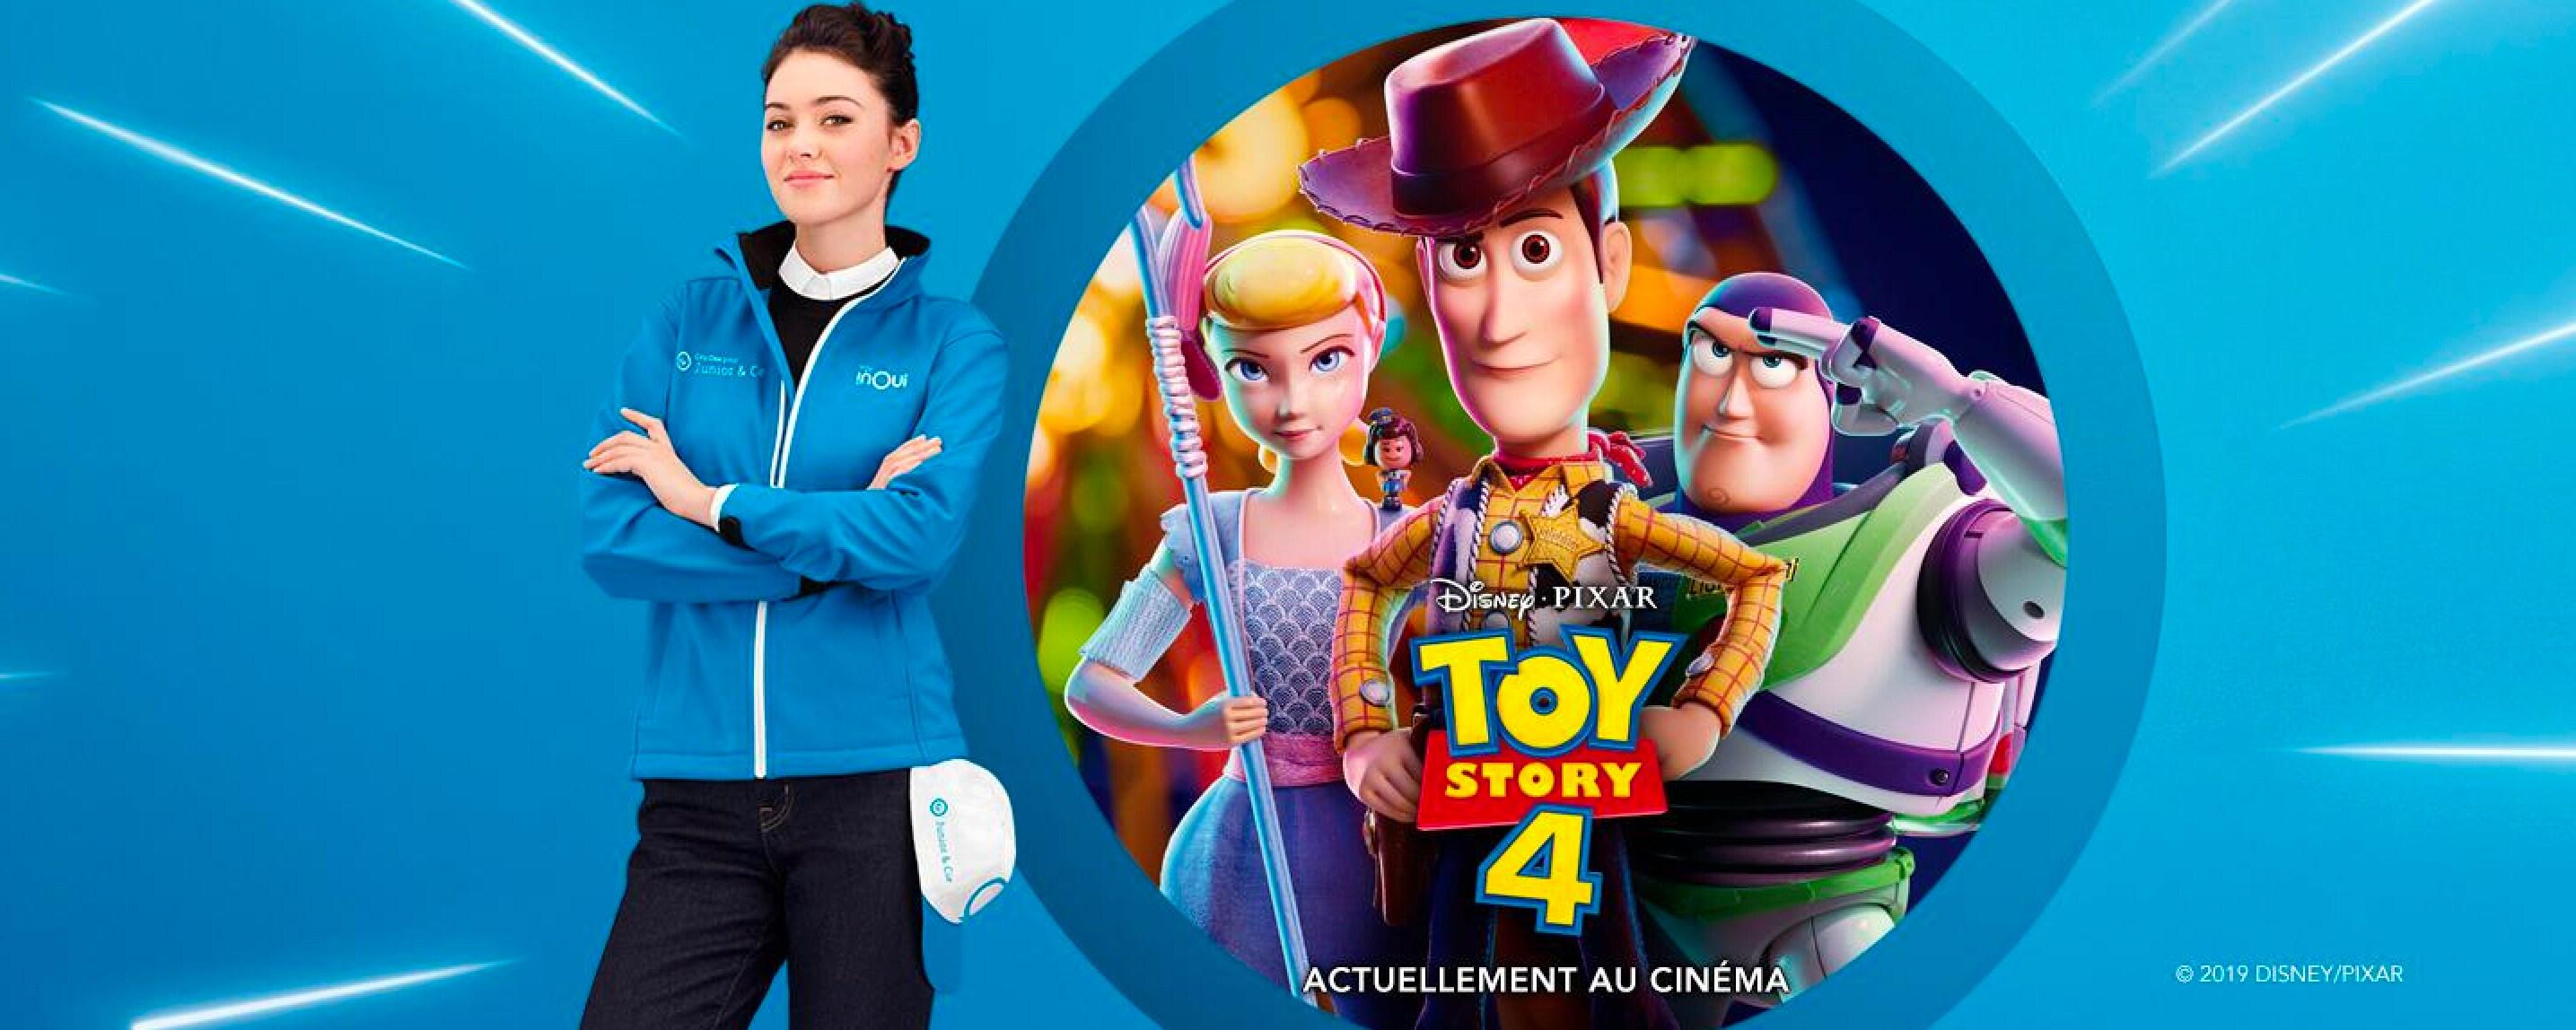 TGV INOUI et Toy Story 4 enchantent le voyage des familles !